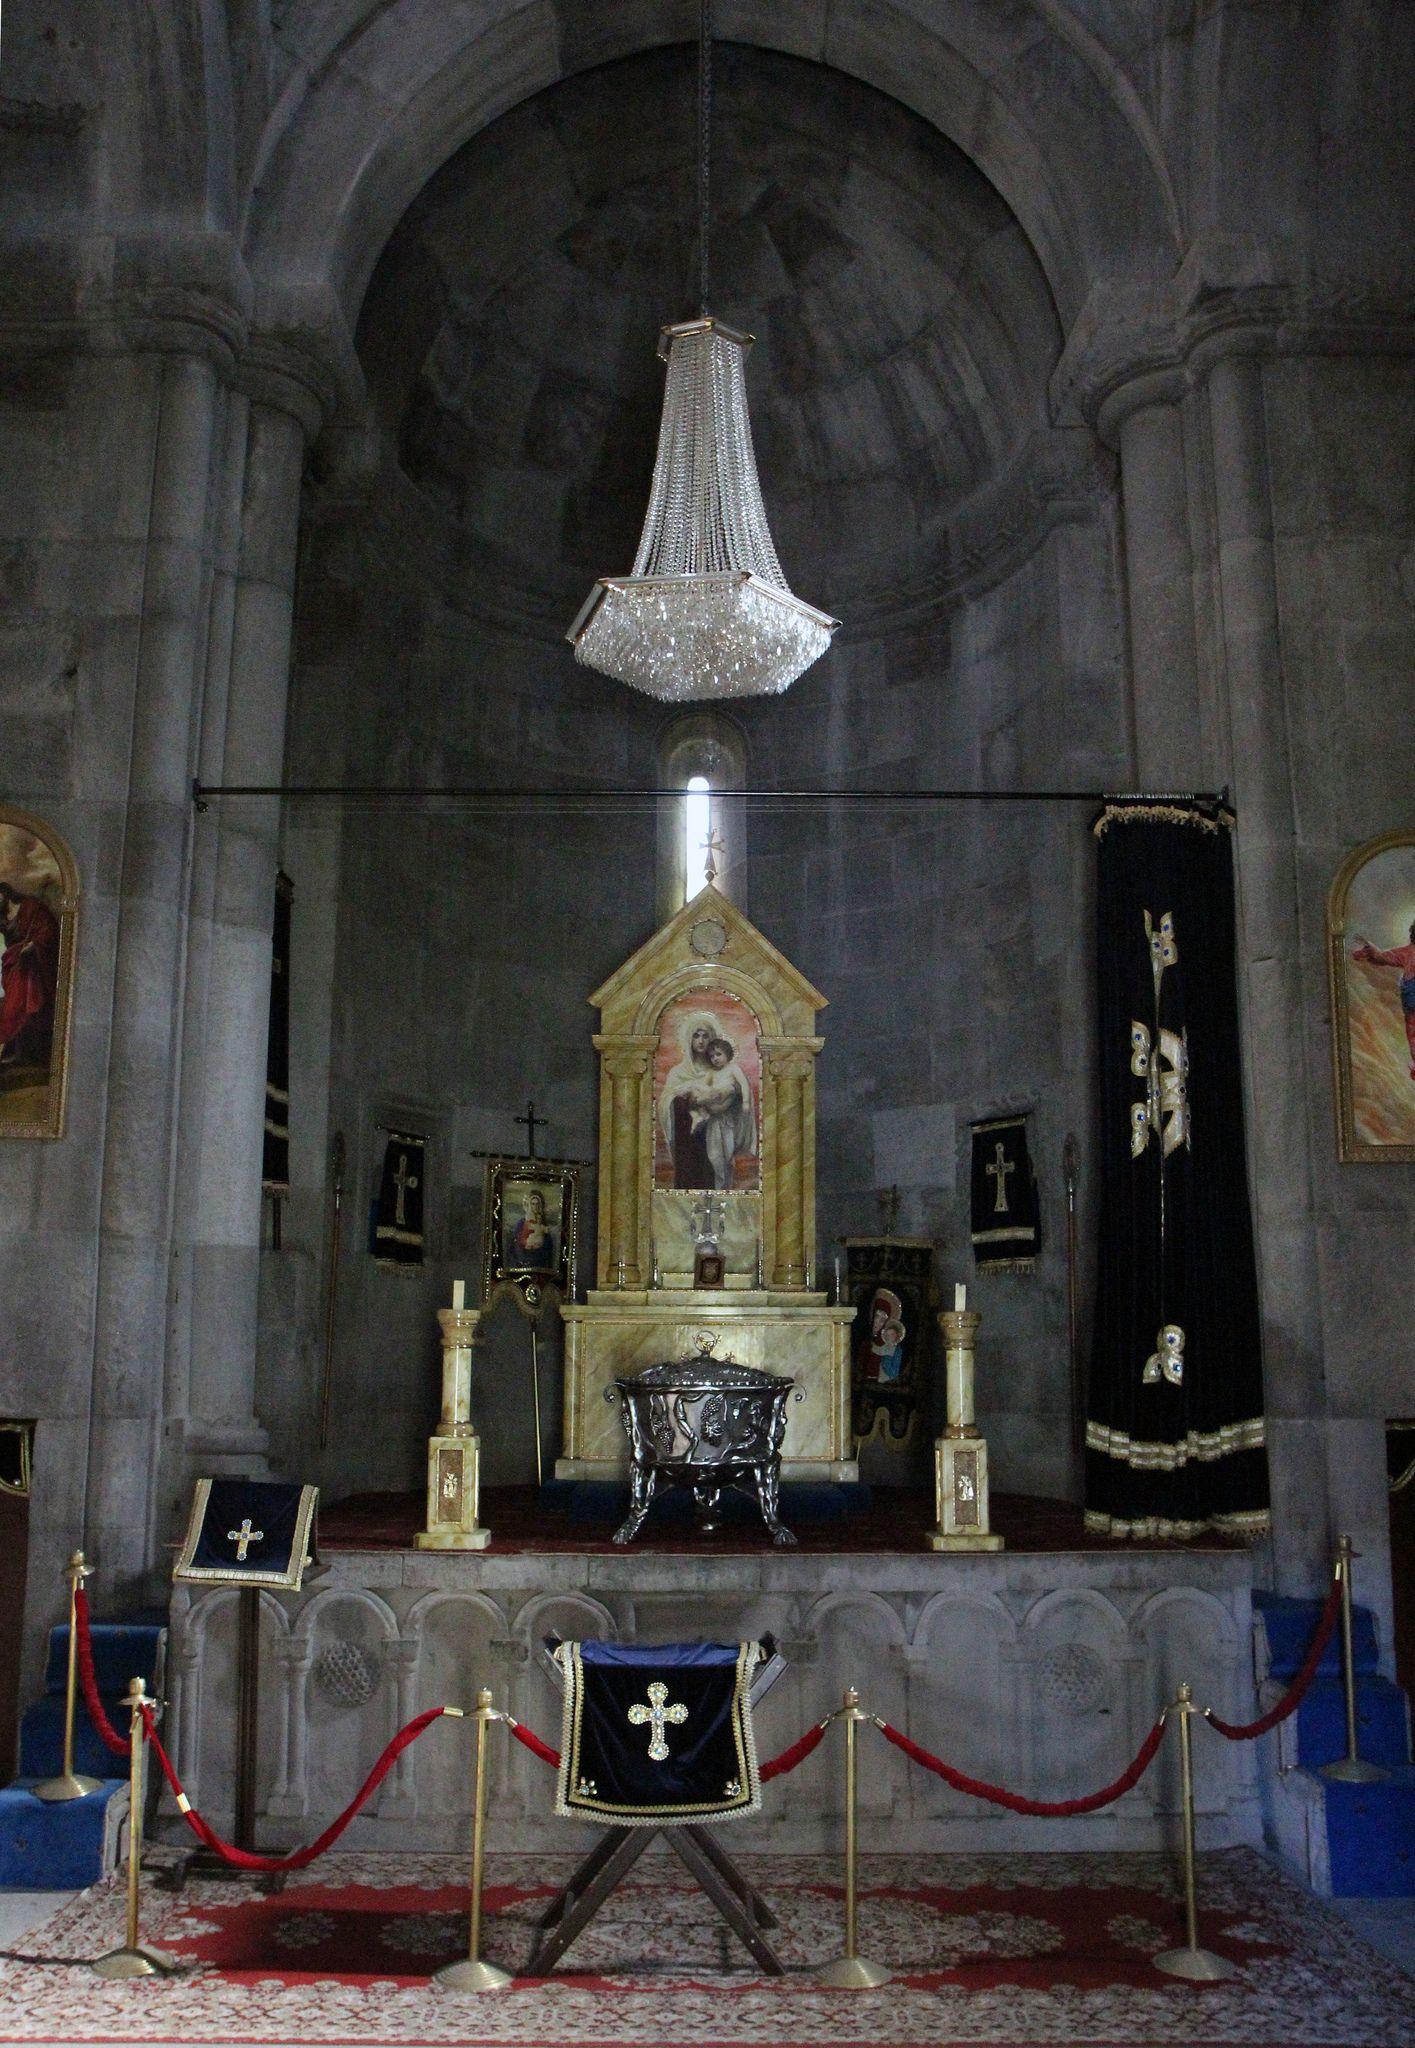 صومعه در ساخکادزور